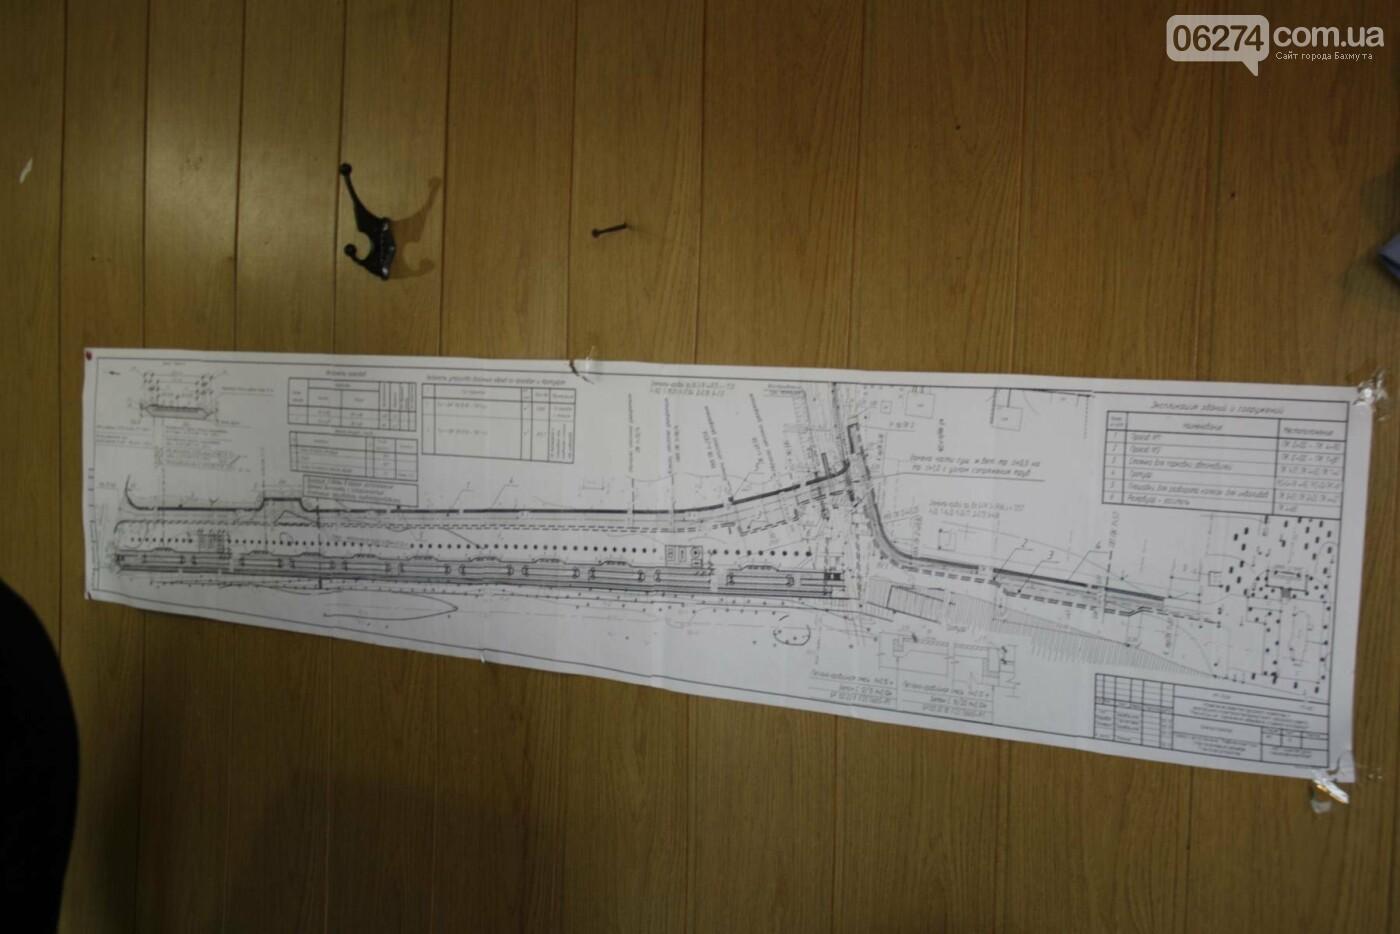 В Бахмуте продолжаются работы по инфраструктурным проектам и благоустройству города, фото-3